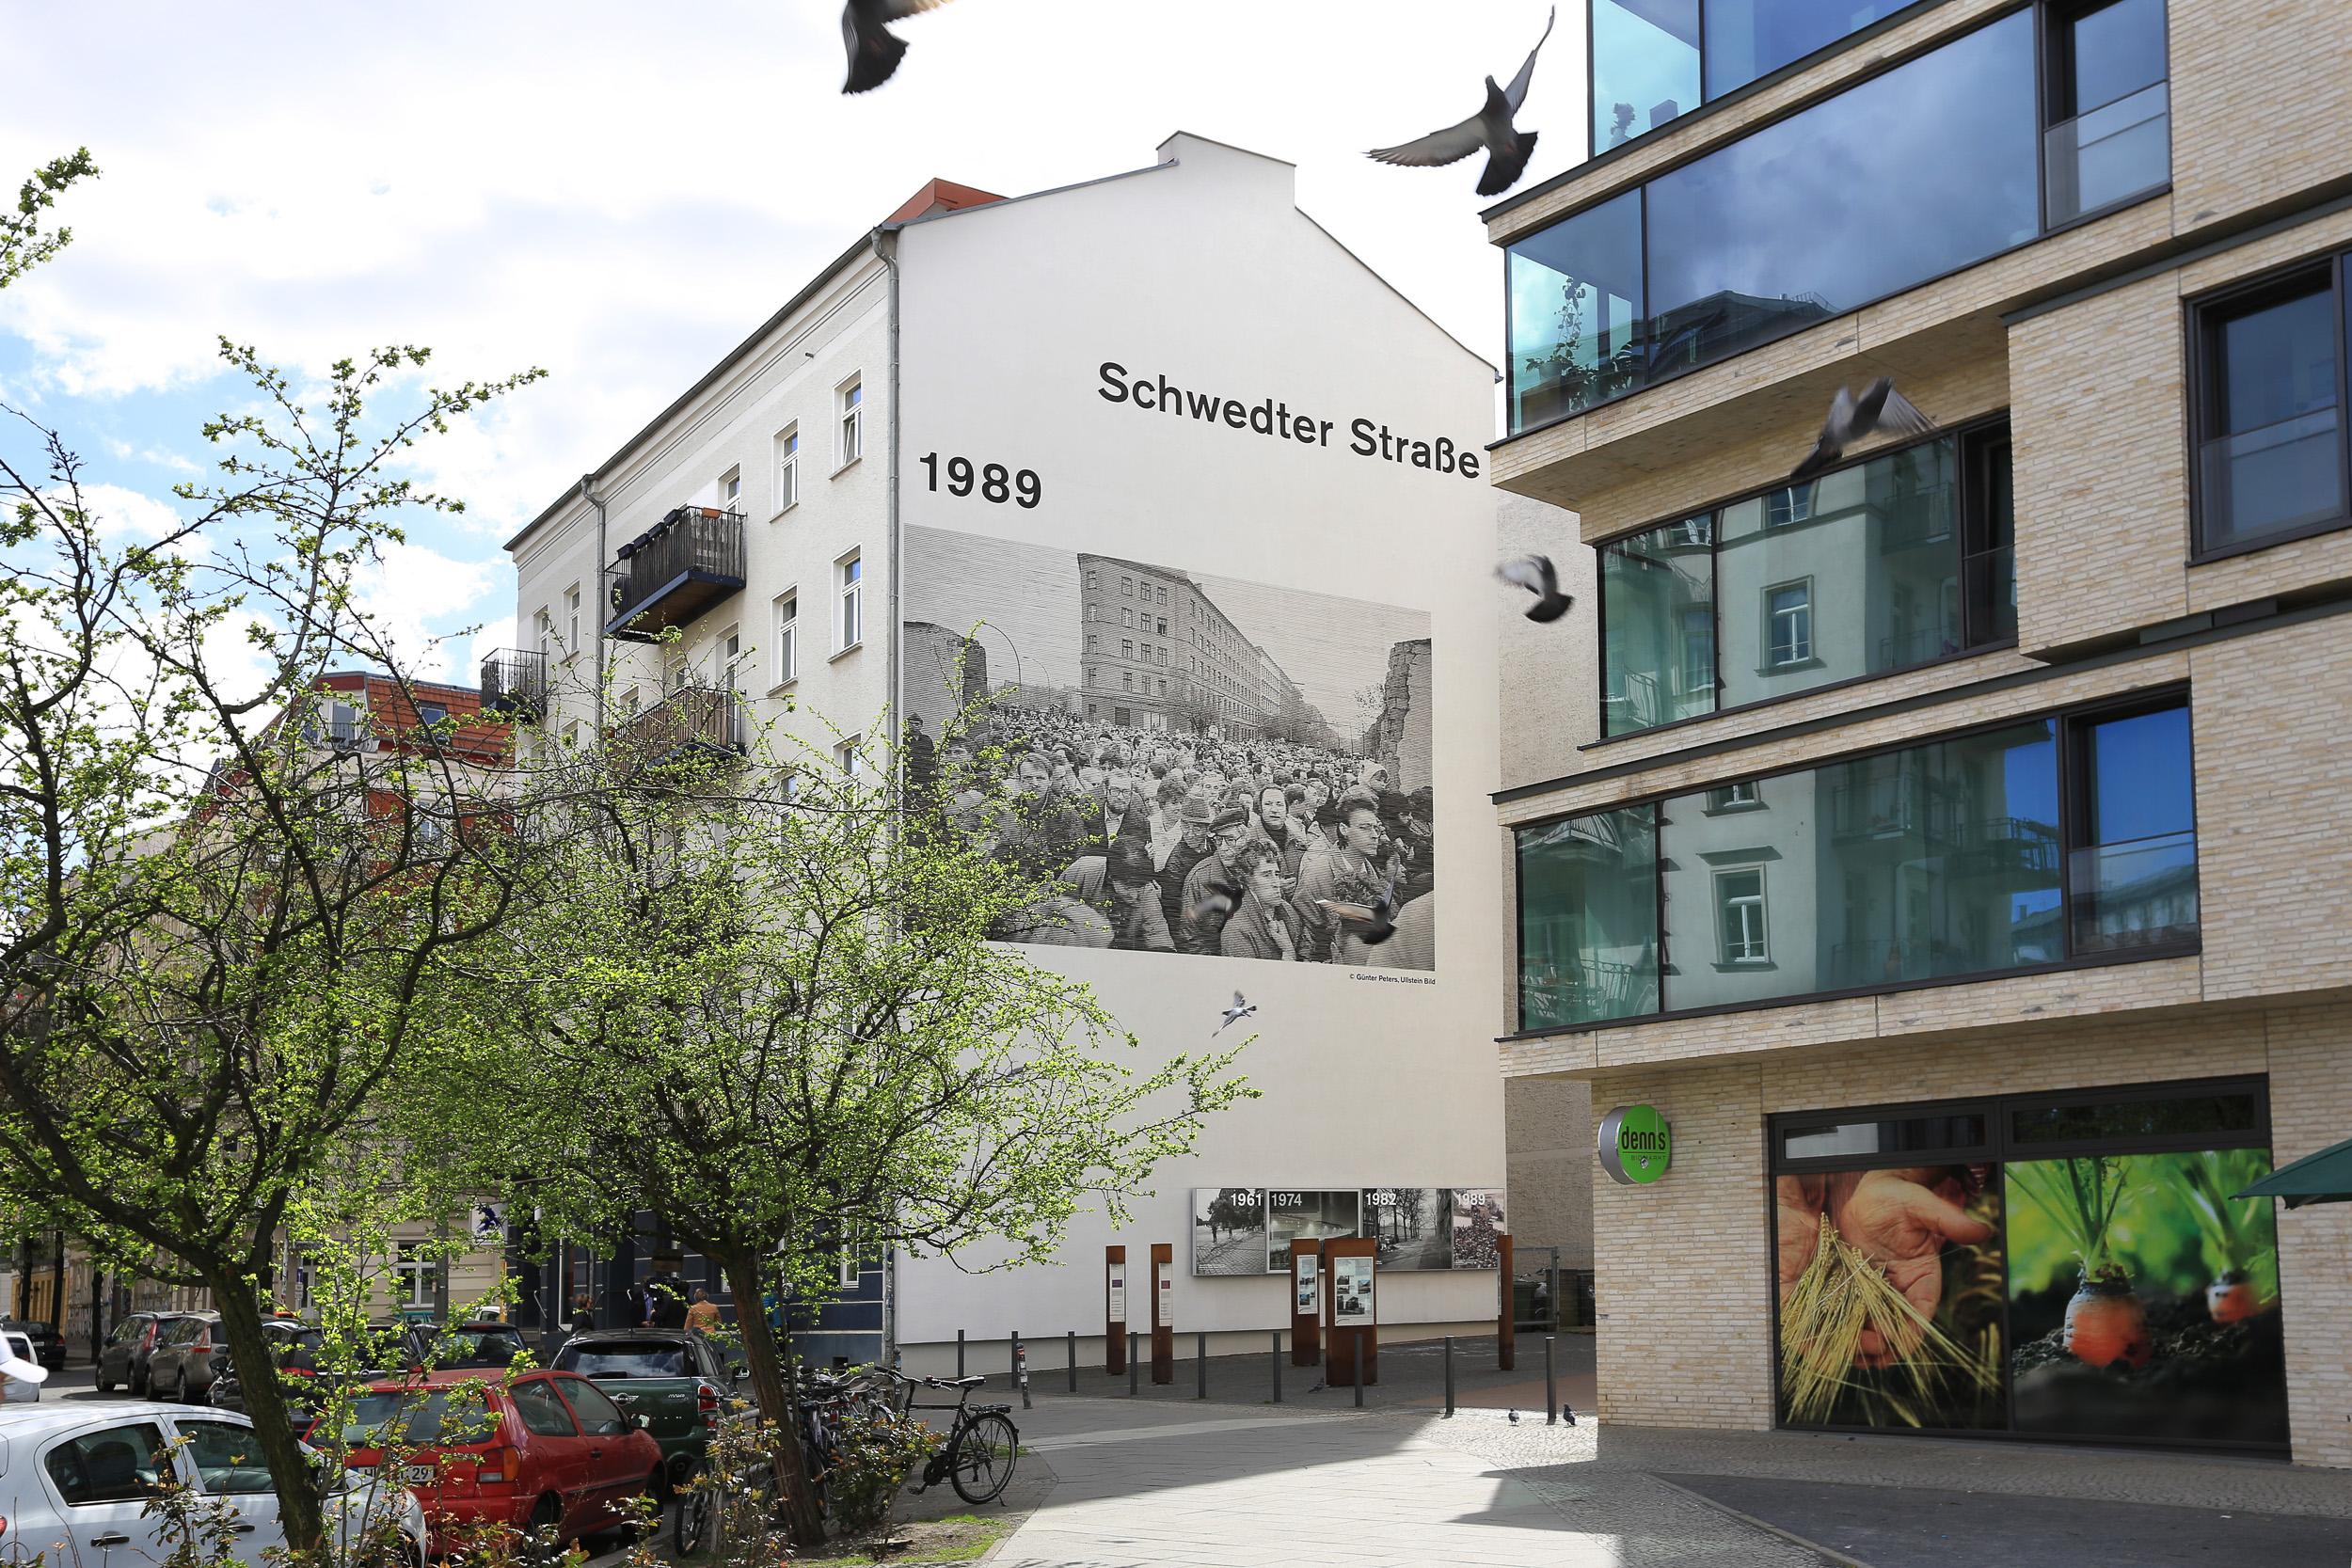 Fassadengestaltung auf Putz & Beton -